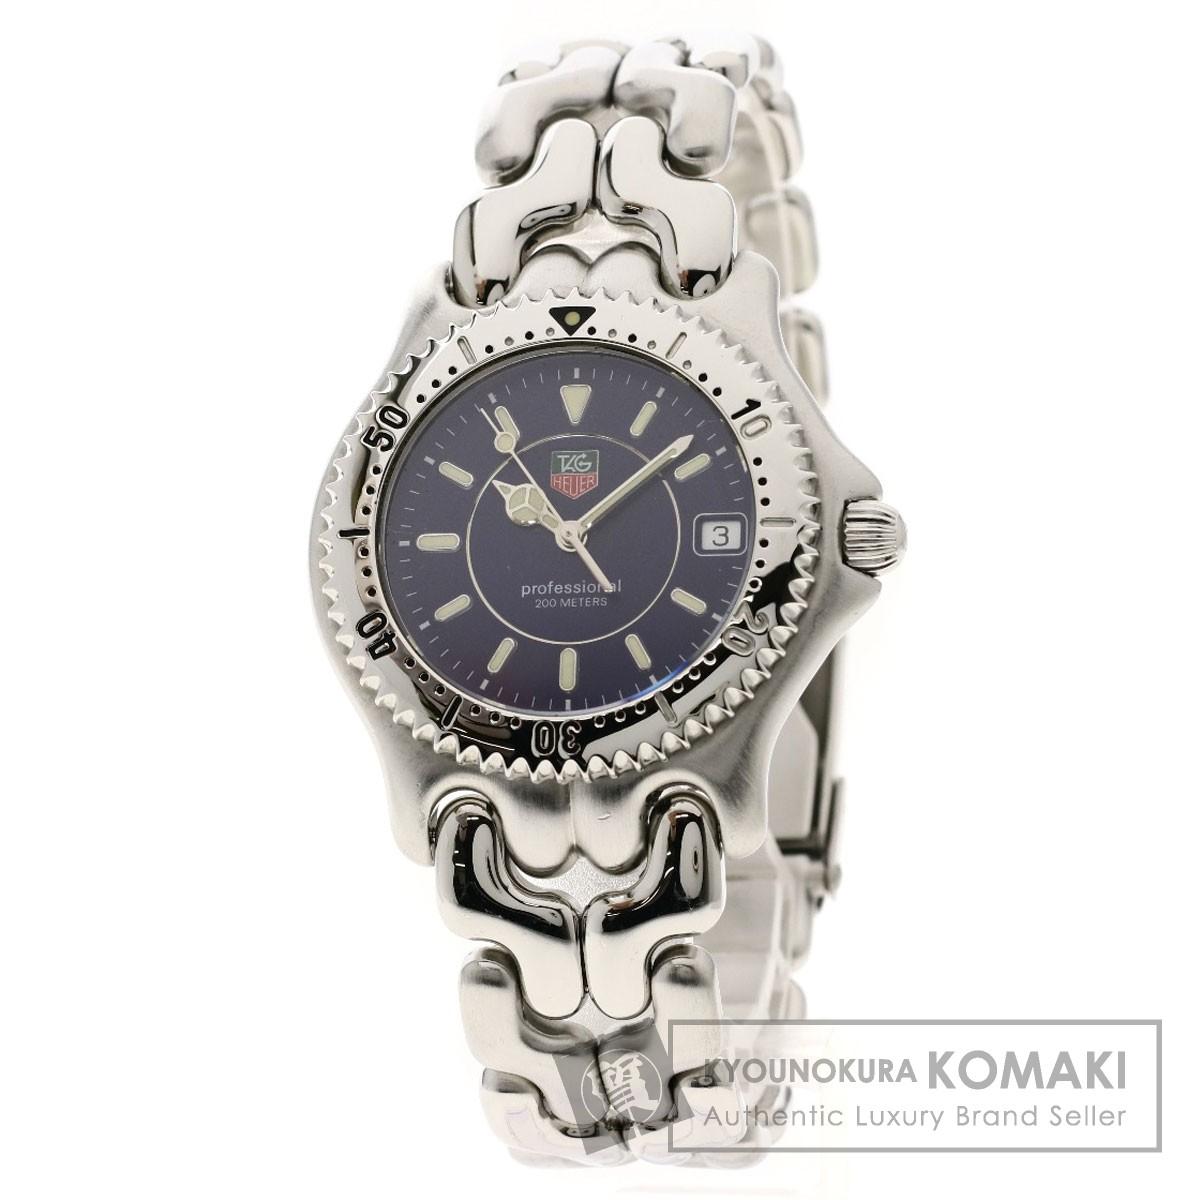 タグホイヤー WG111A プロフェッショナル 腕時計 ステンレススチール/SS メンズ 【中古】【TAG HEUER】